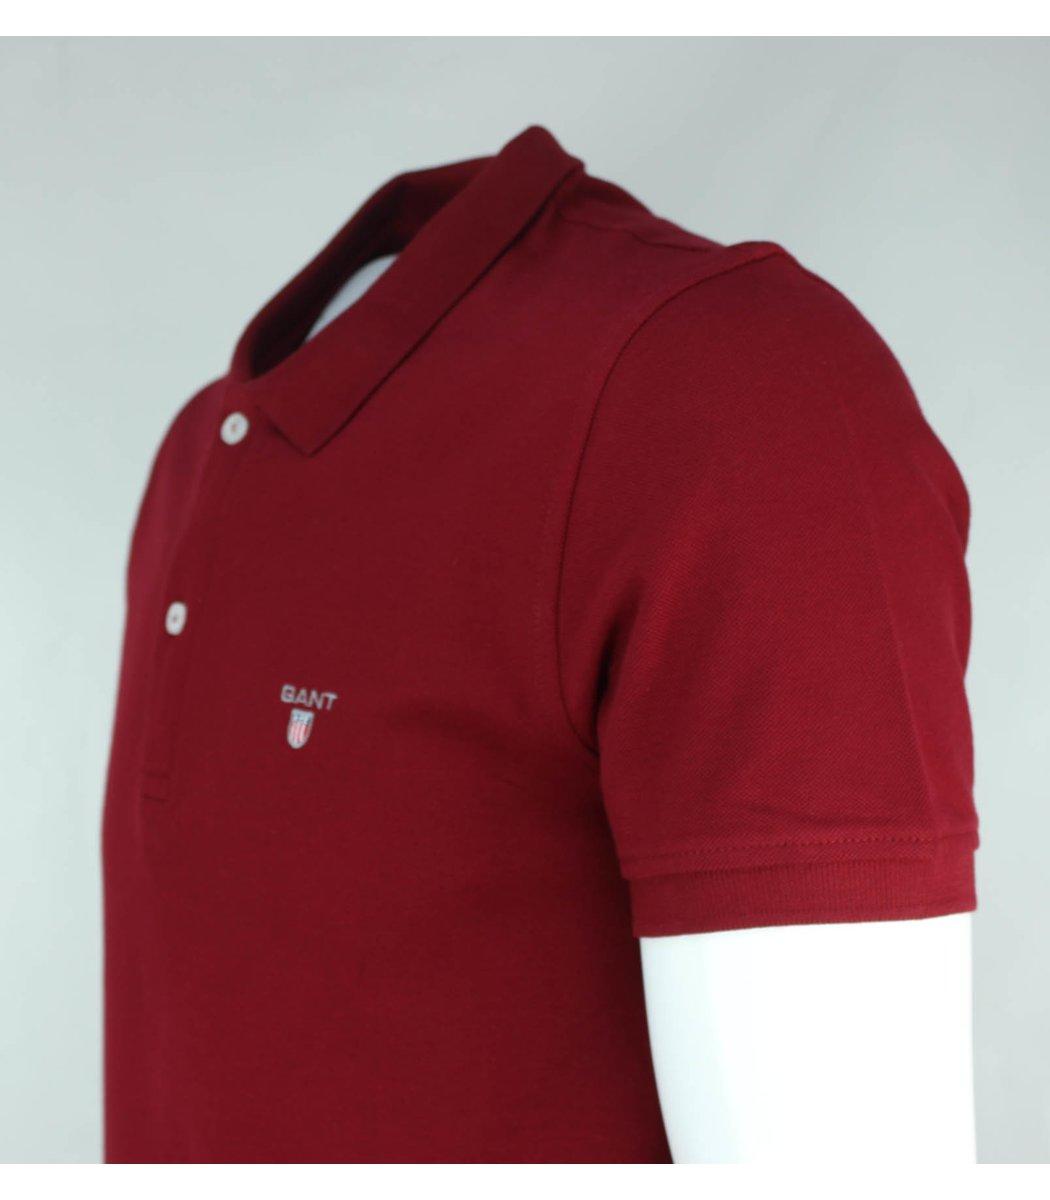 Бордовая классическая футболка поло Gant G2